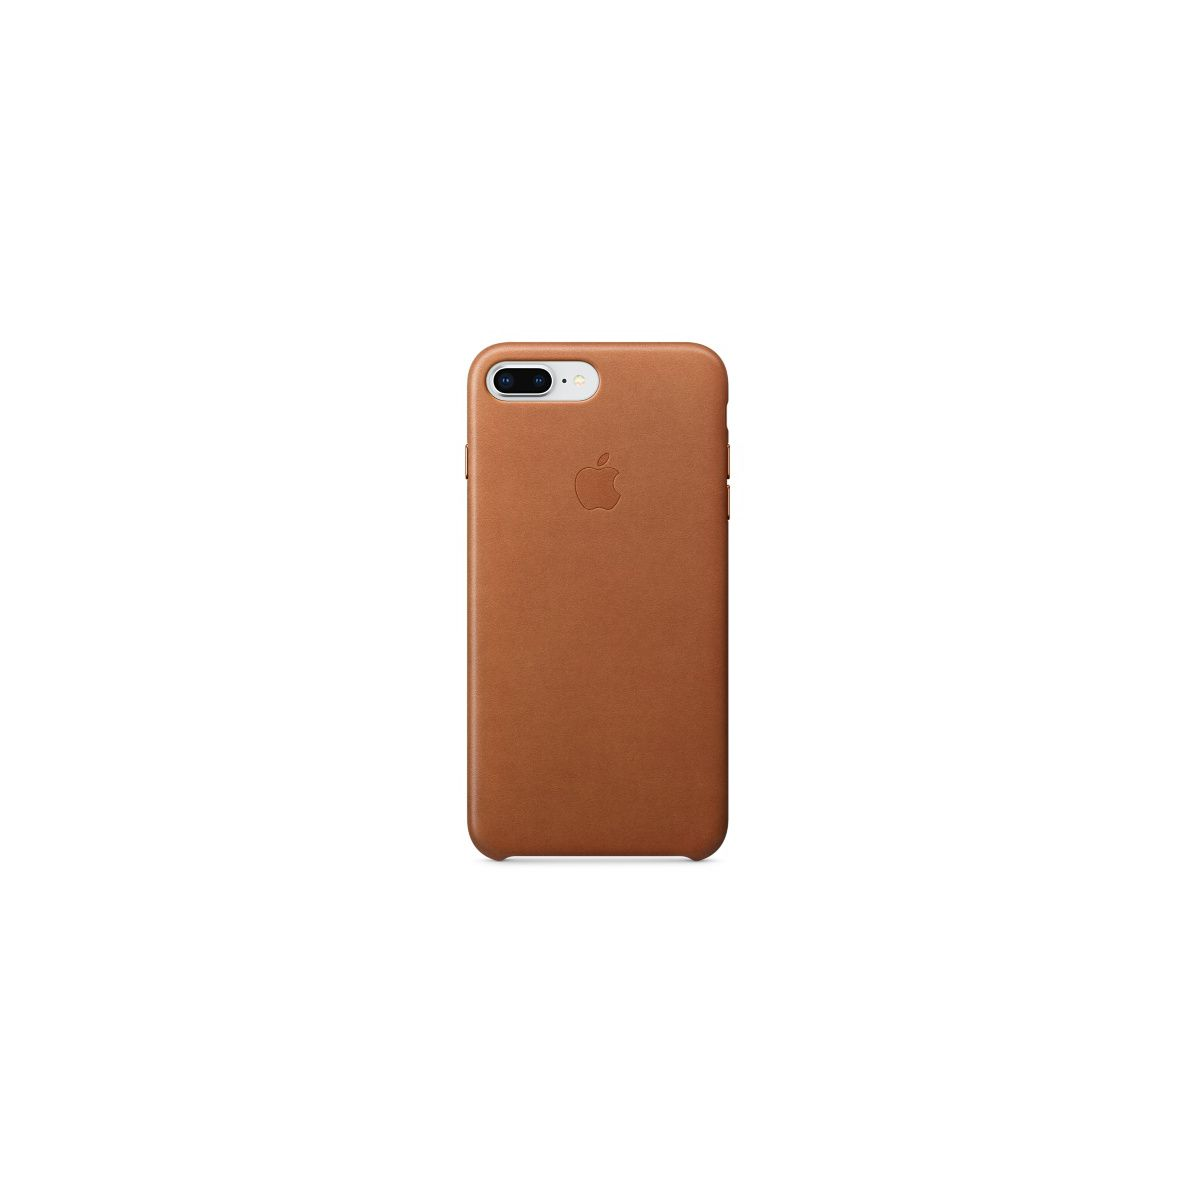 Coque APPLE iPhone 7/8 Plus cuir Havane (photo)